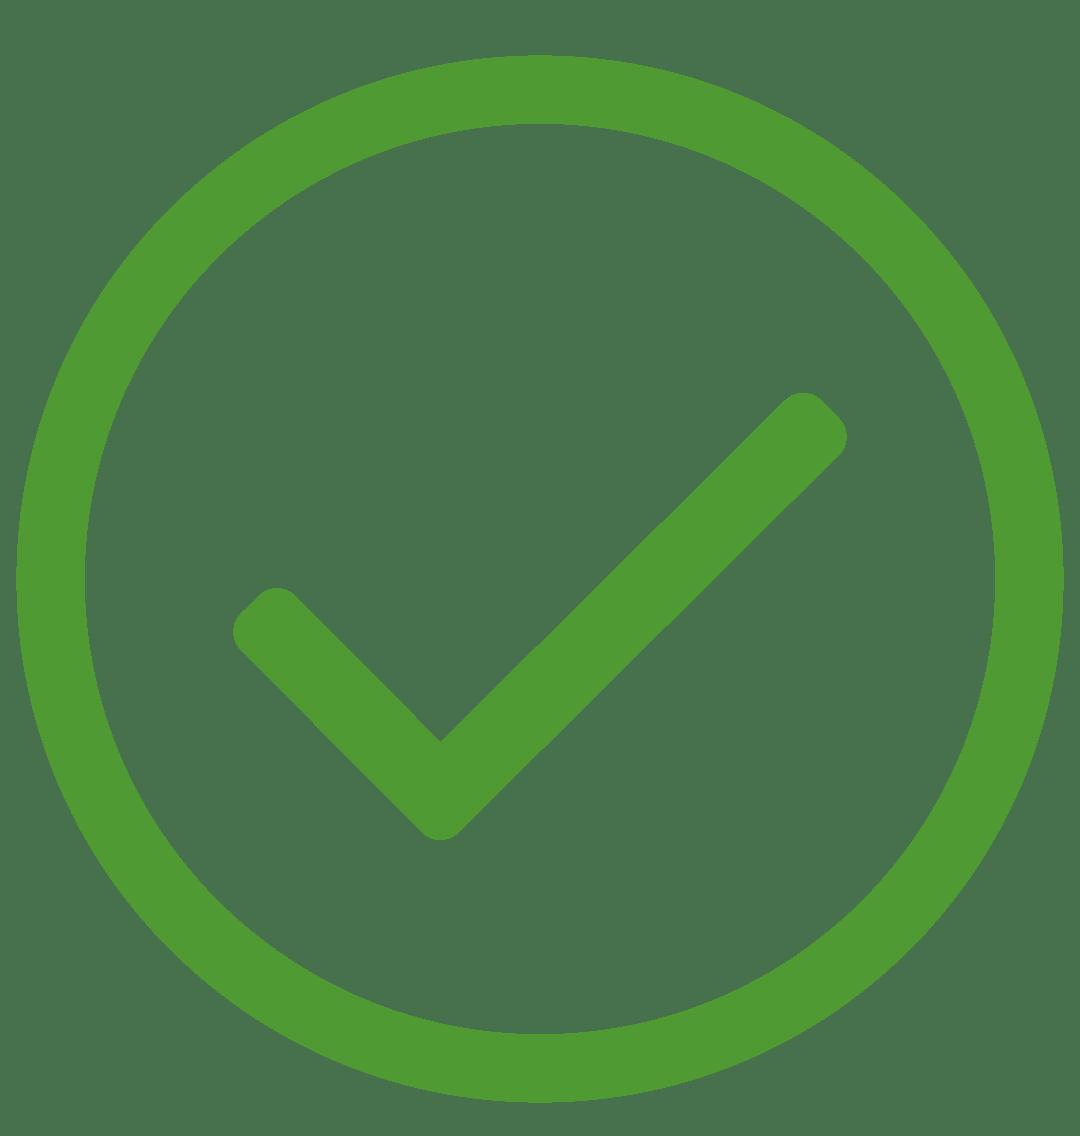 Datenqualitaet_Benefit-1